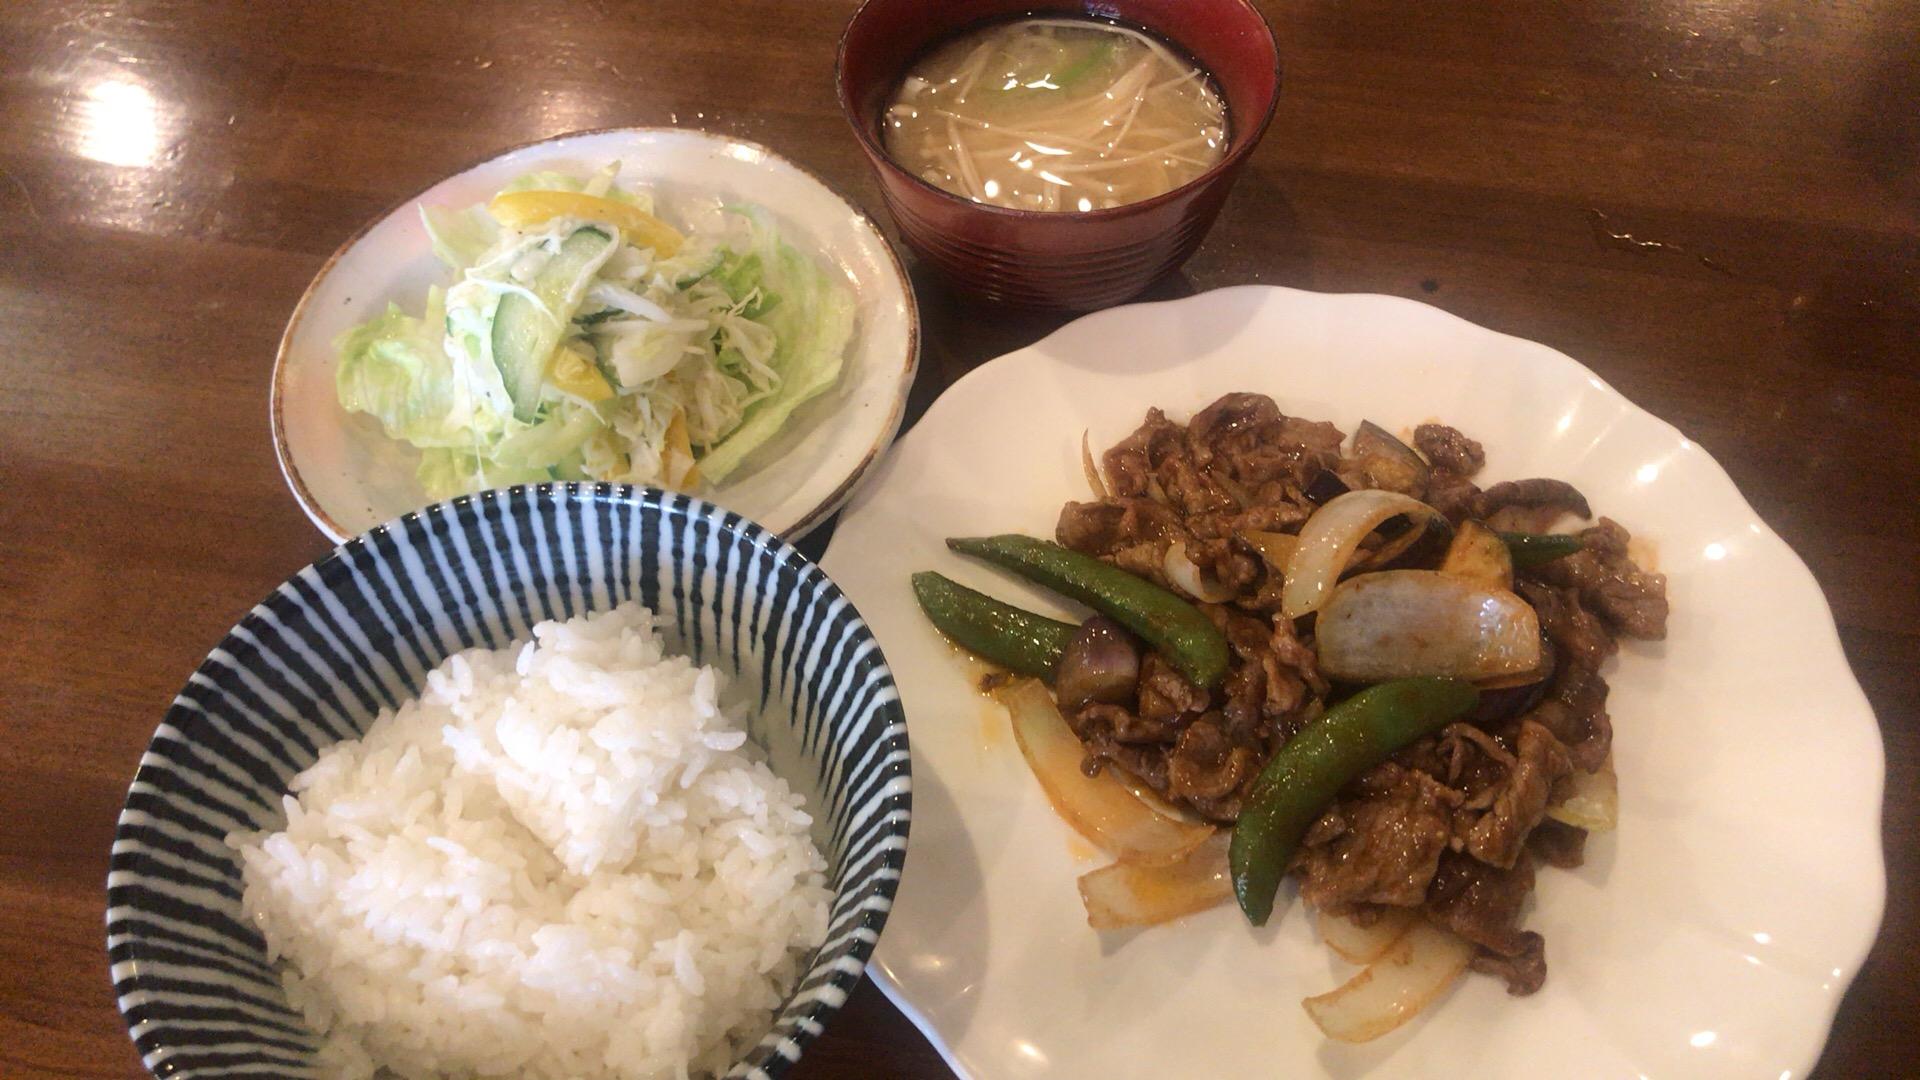 札幌・中央区 カフェ&パスタ Captino(カプチーノ)